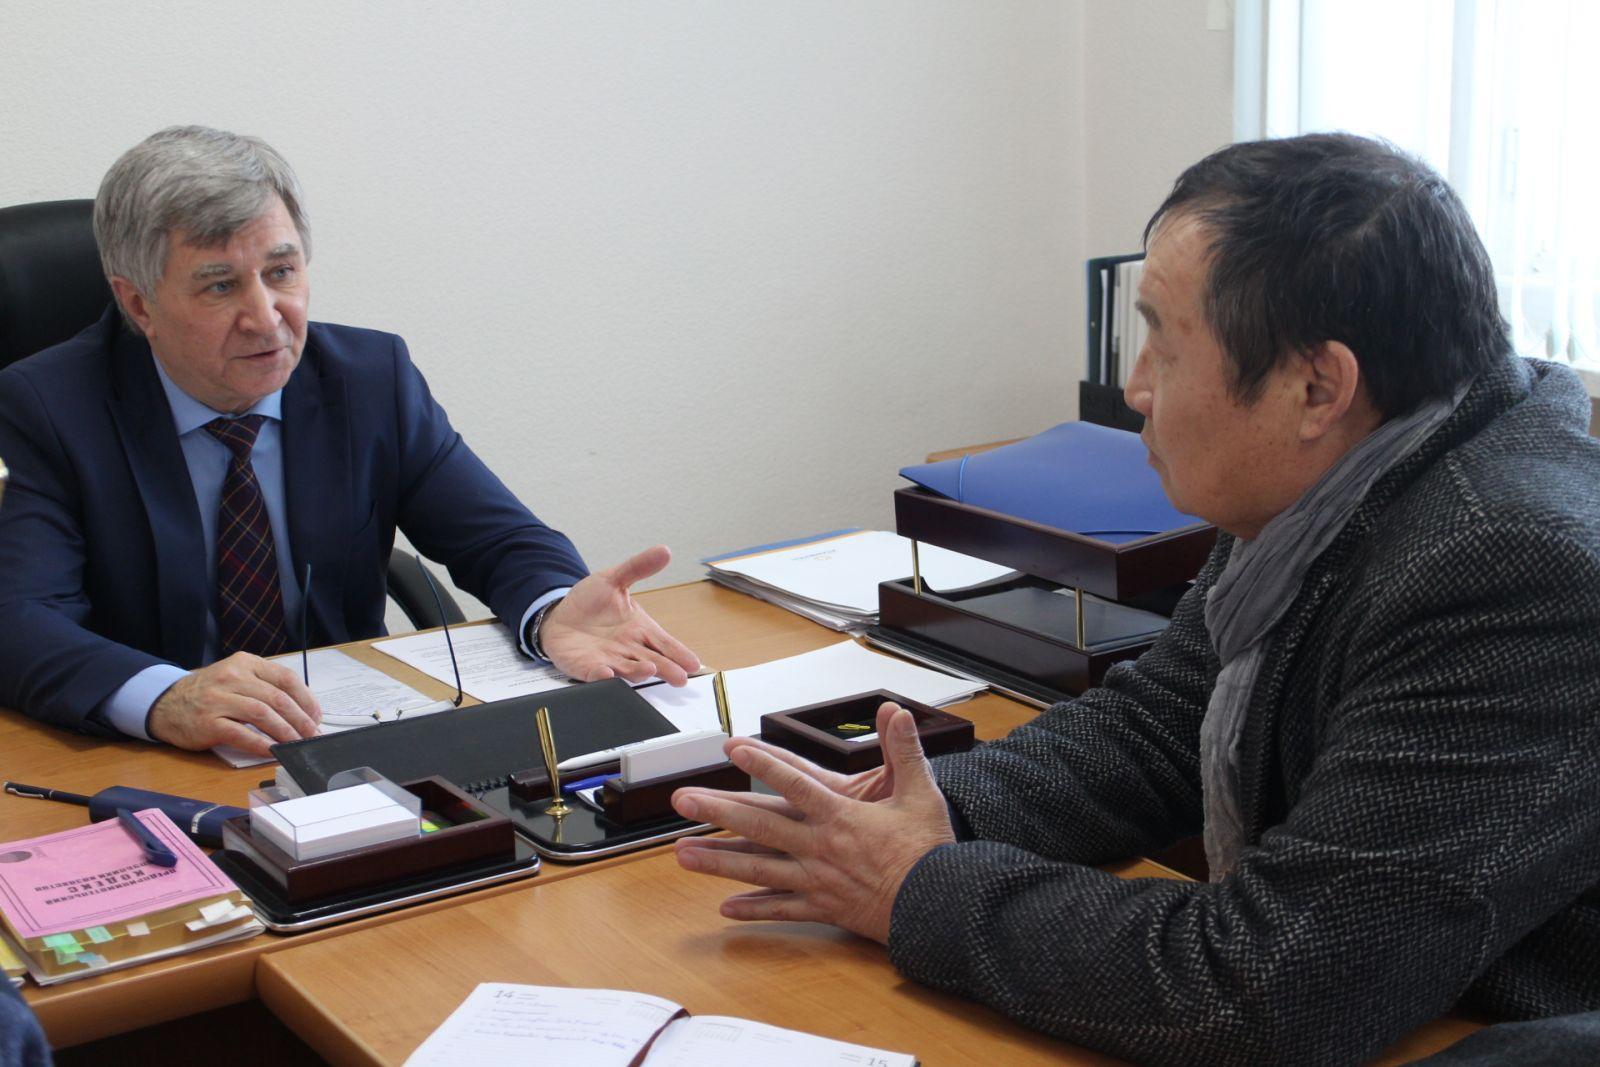 Крупная костанайская микрокредитная организация ищет помощи у НПП «Атамекен»